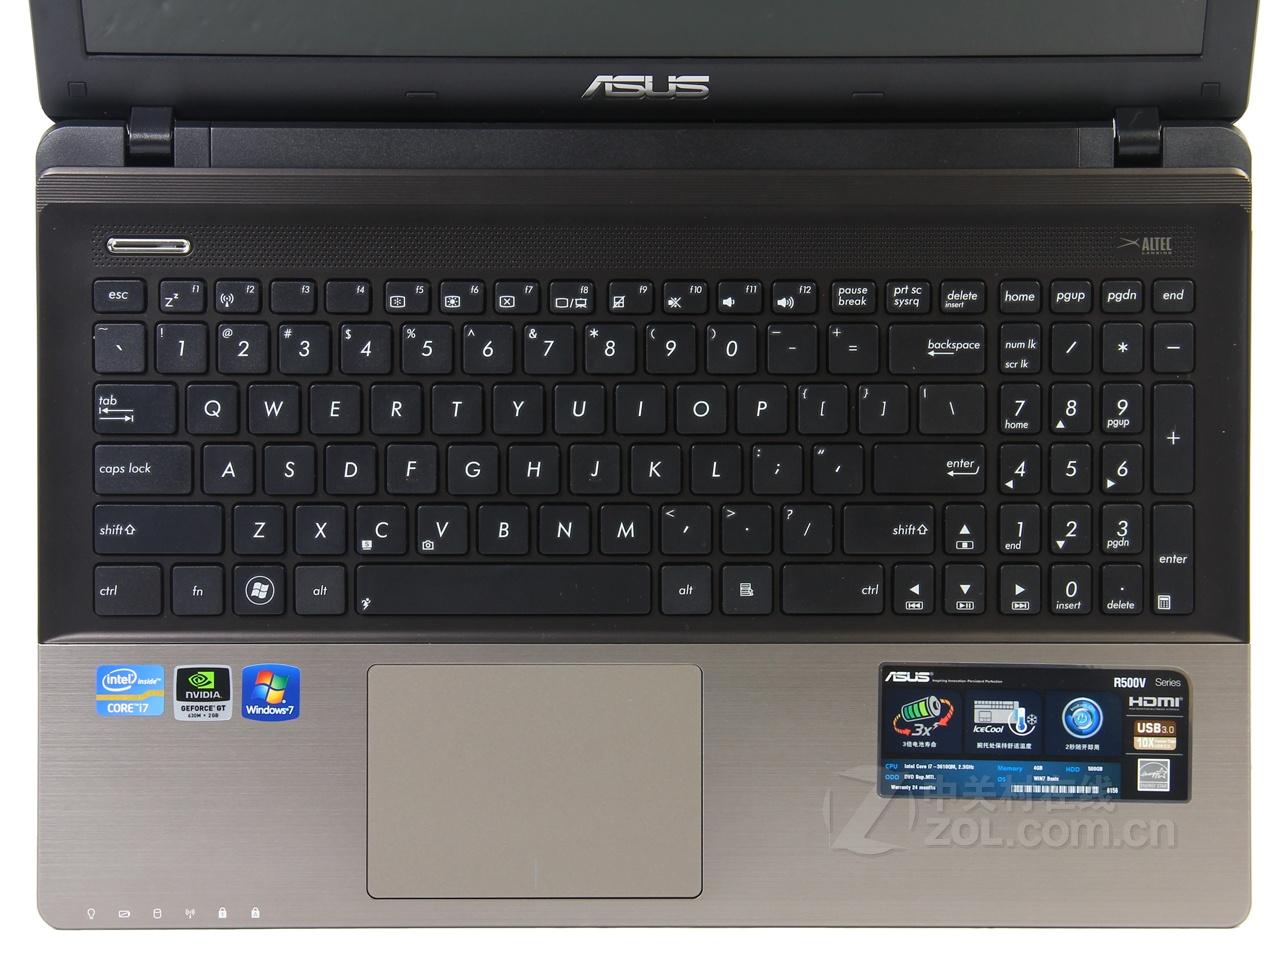 数字�yc~ZHNynz��K��x�_华硕(asus) r500xi321vj-sl 有没有数字键盘?